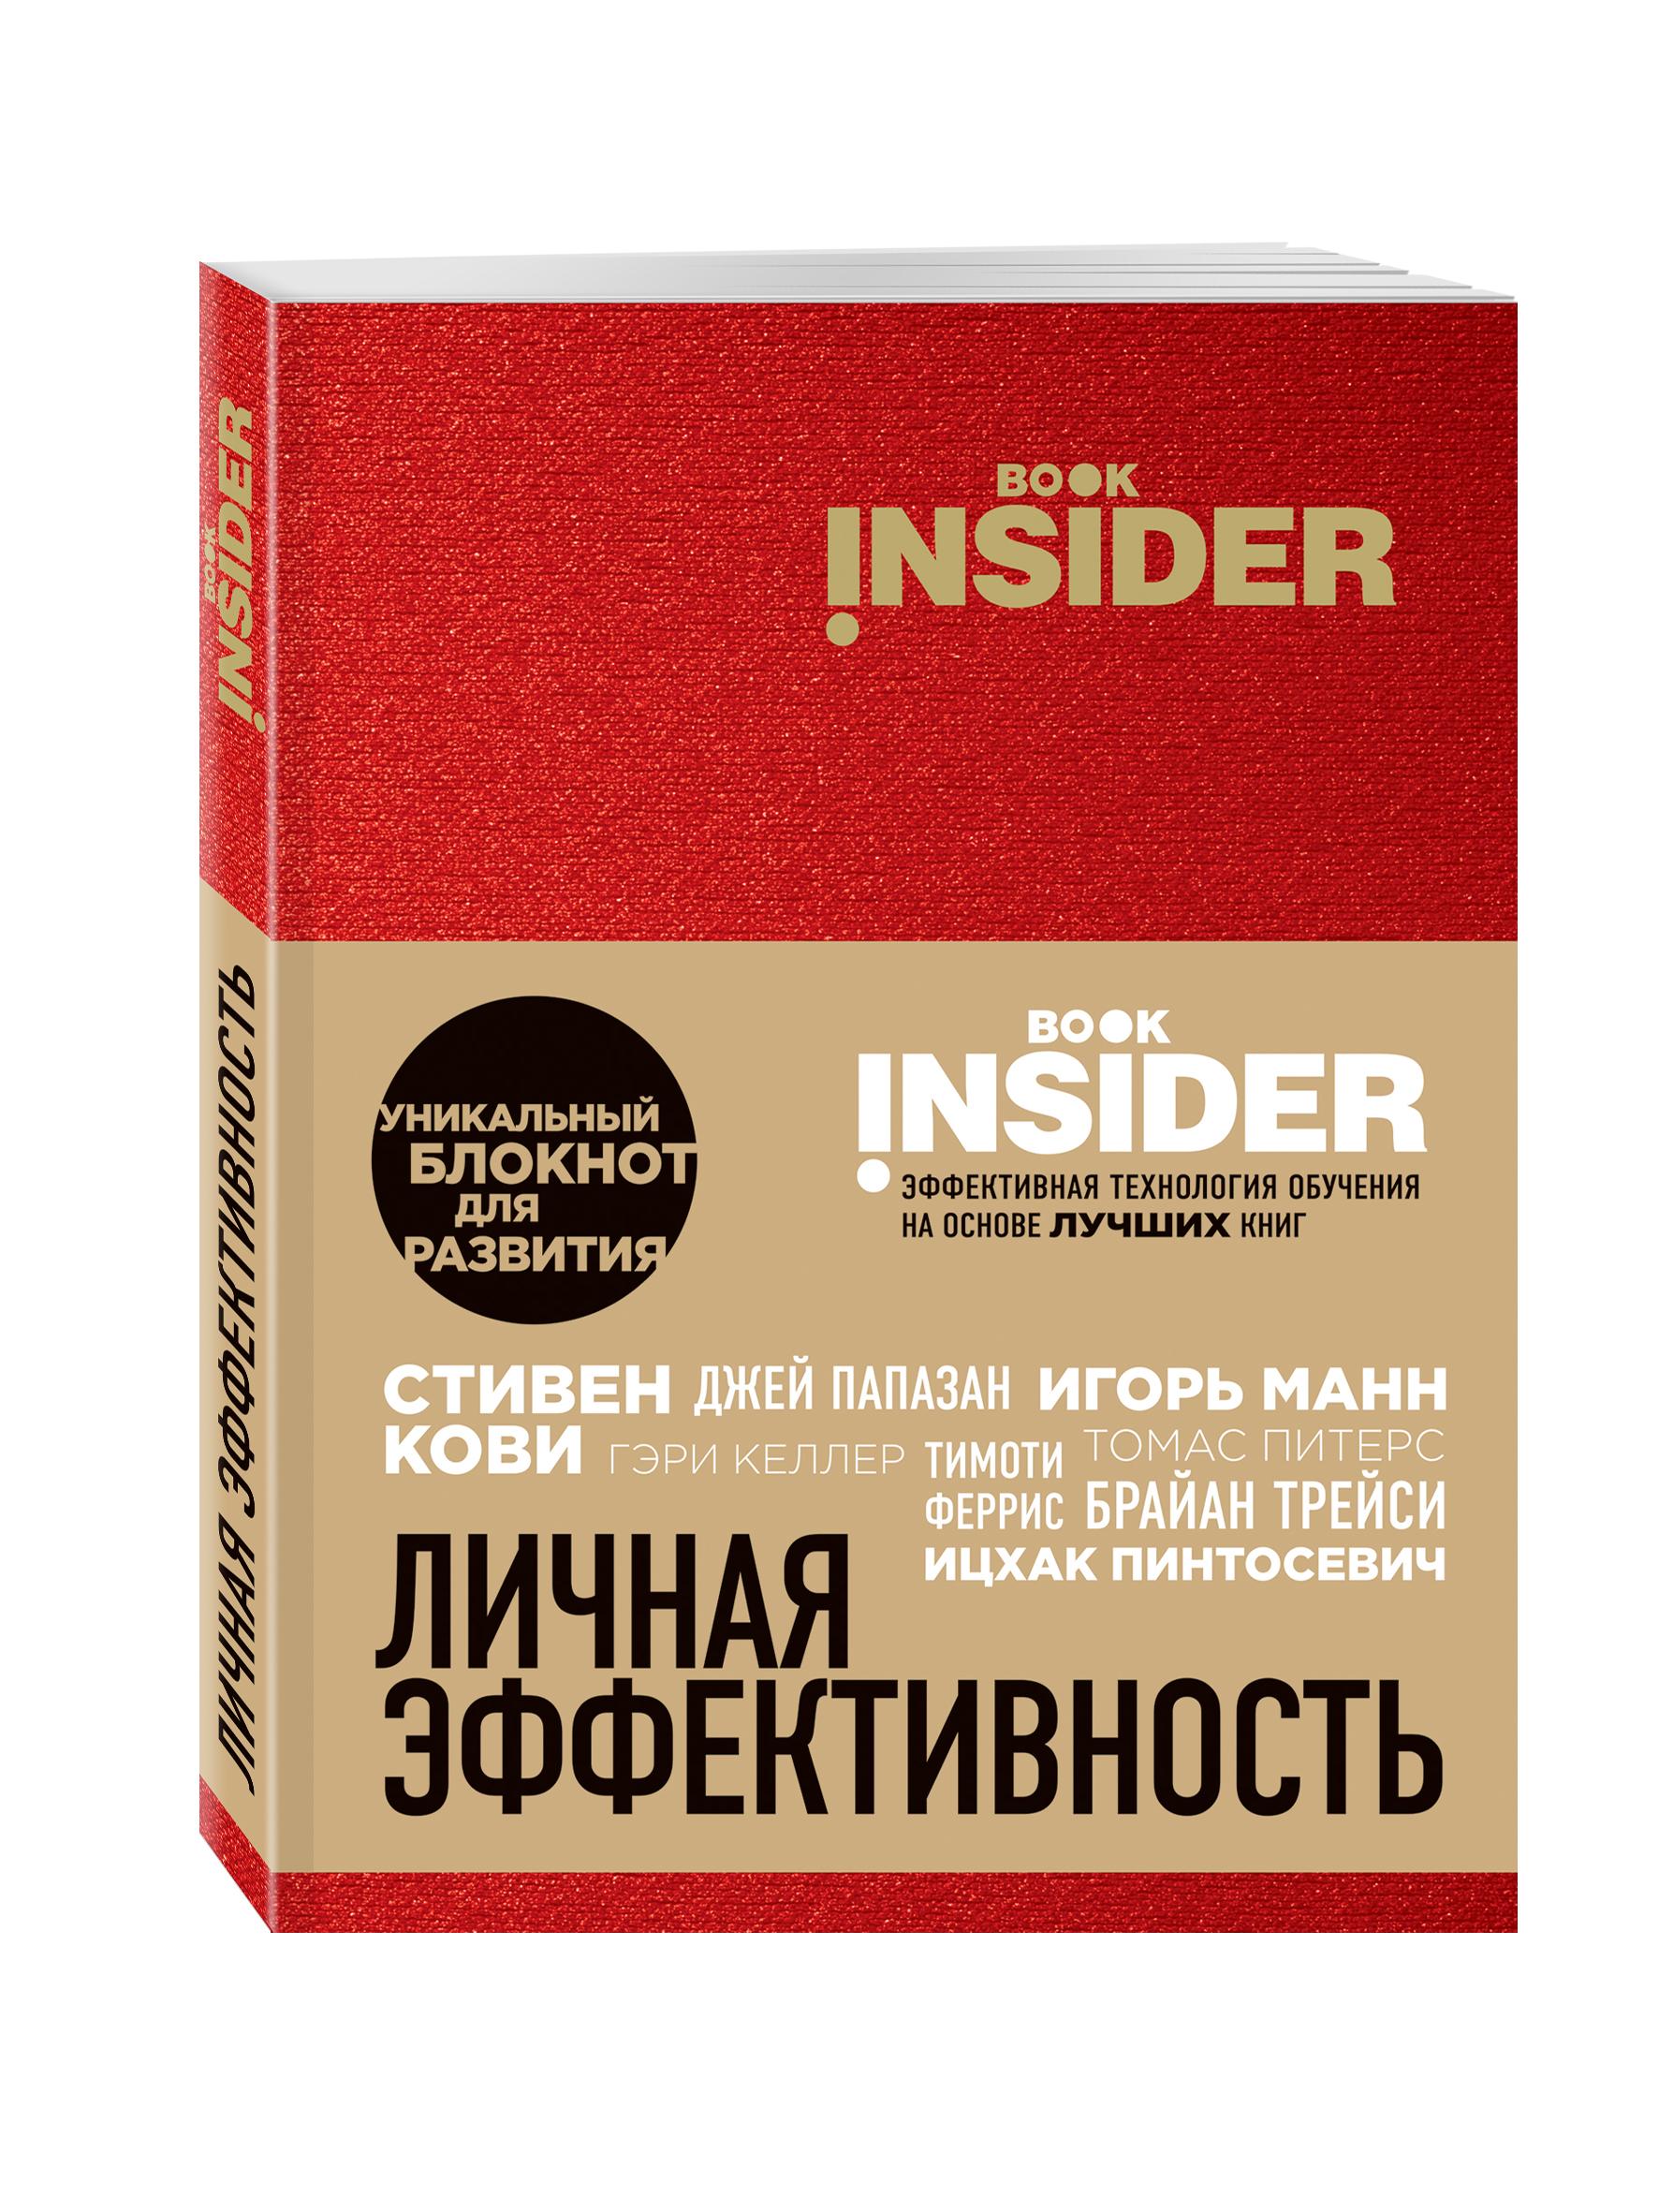 Ицхак Пинтосевич, Г. М. Аветов Book Insider. Личная эффективность (красный) зайцев а energy management личная эффективность на 100%